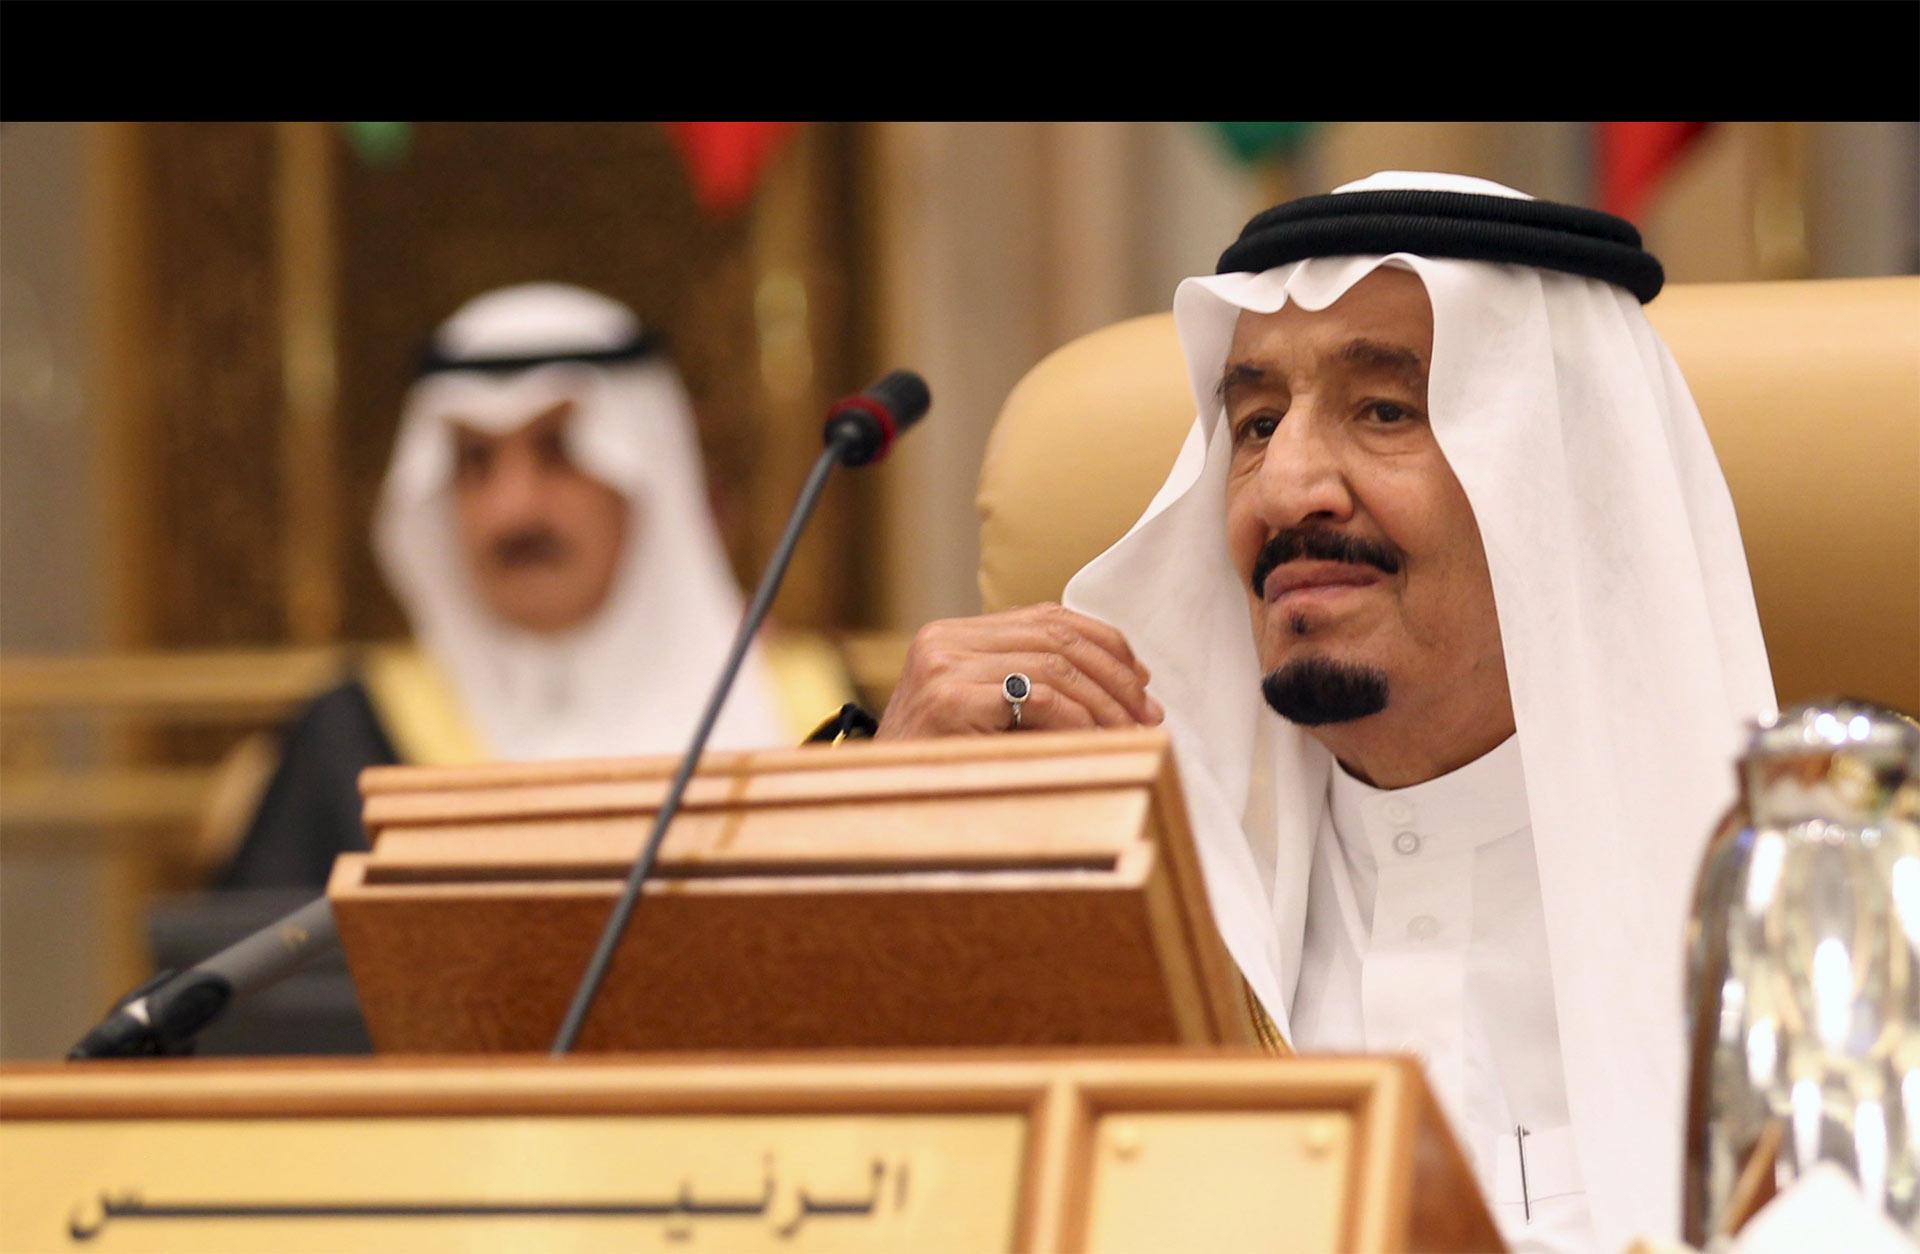 El país utiliza la pena de muerte como instrumento político contra las minorías